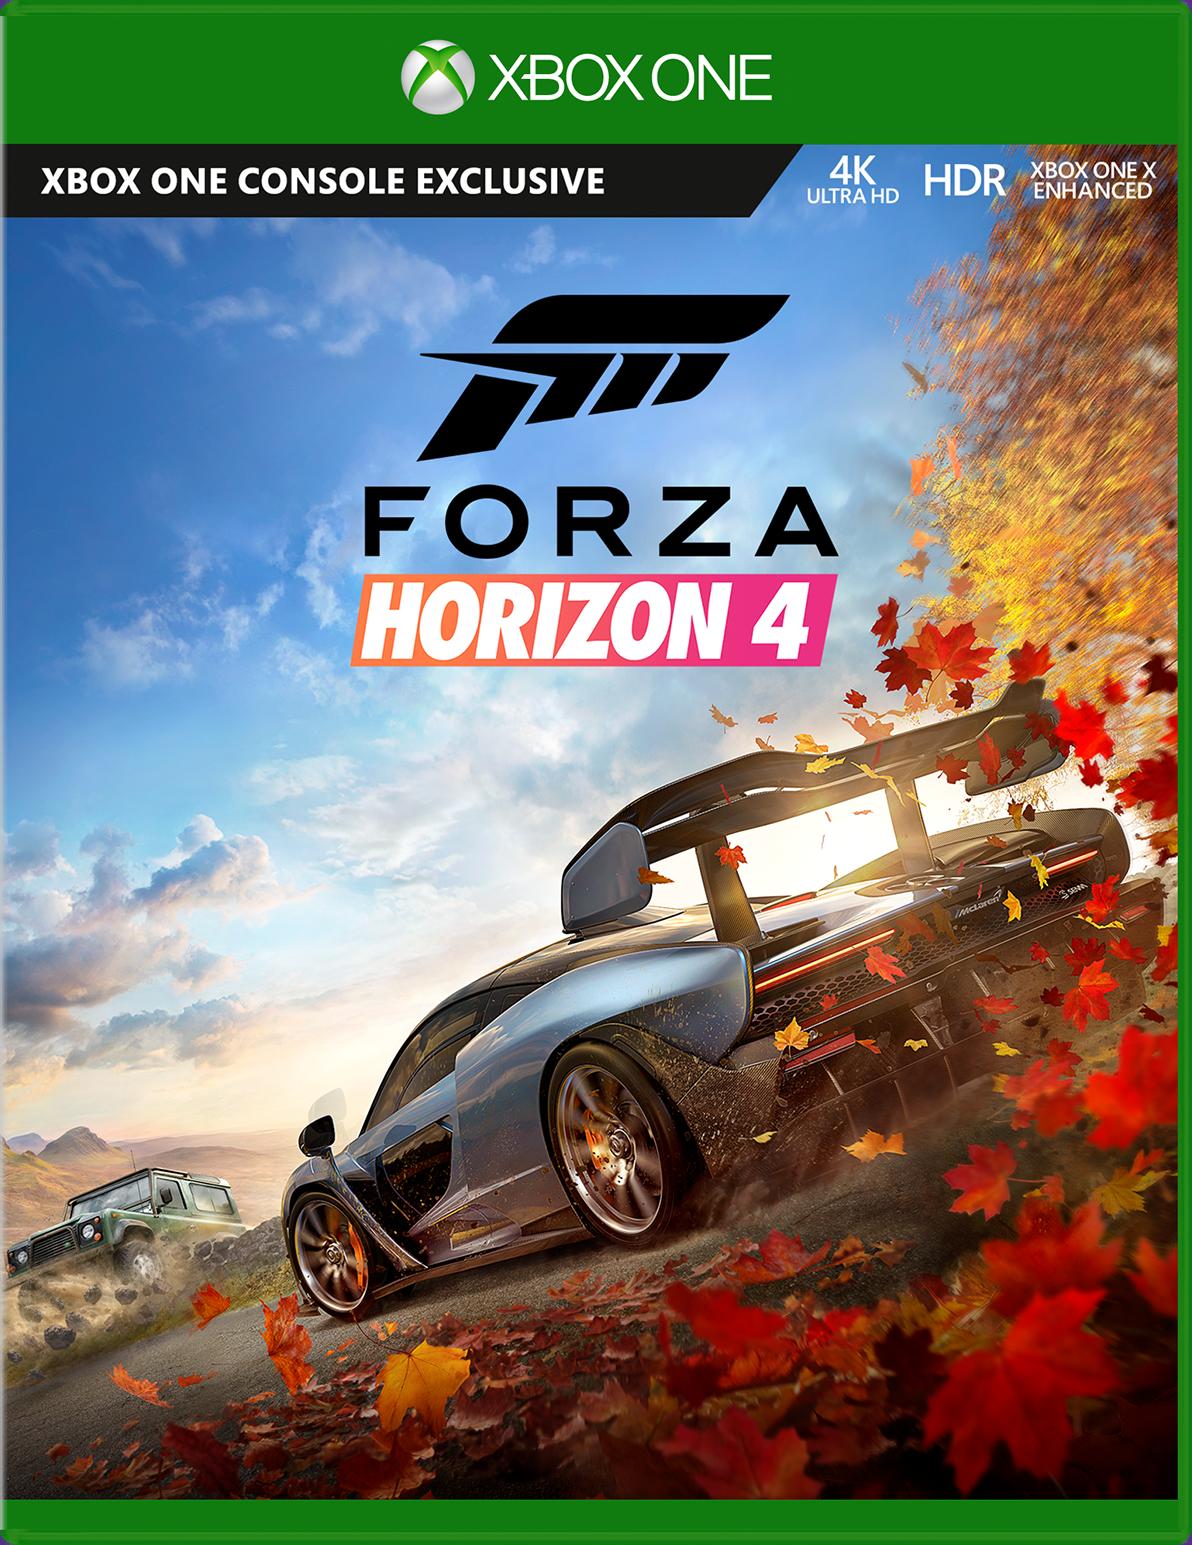 Forza Horizon 4 アルティメット エディション (パッケージ版) を購入 ...